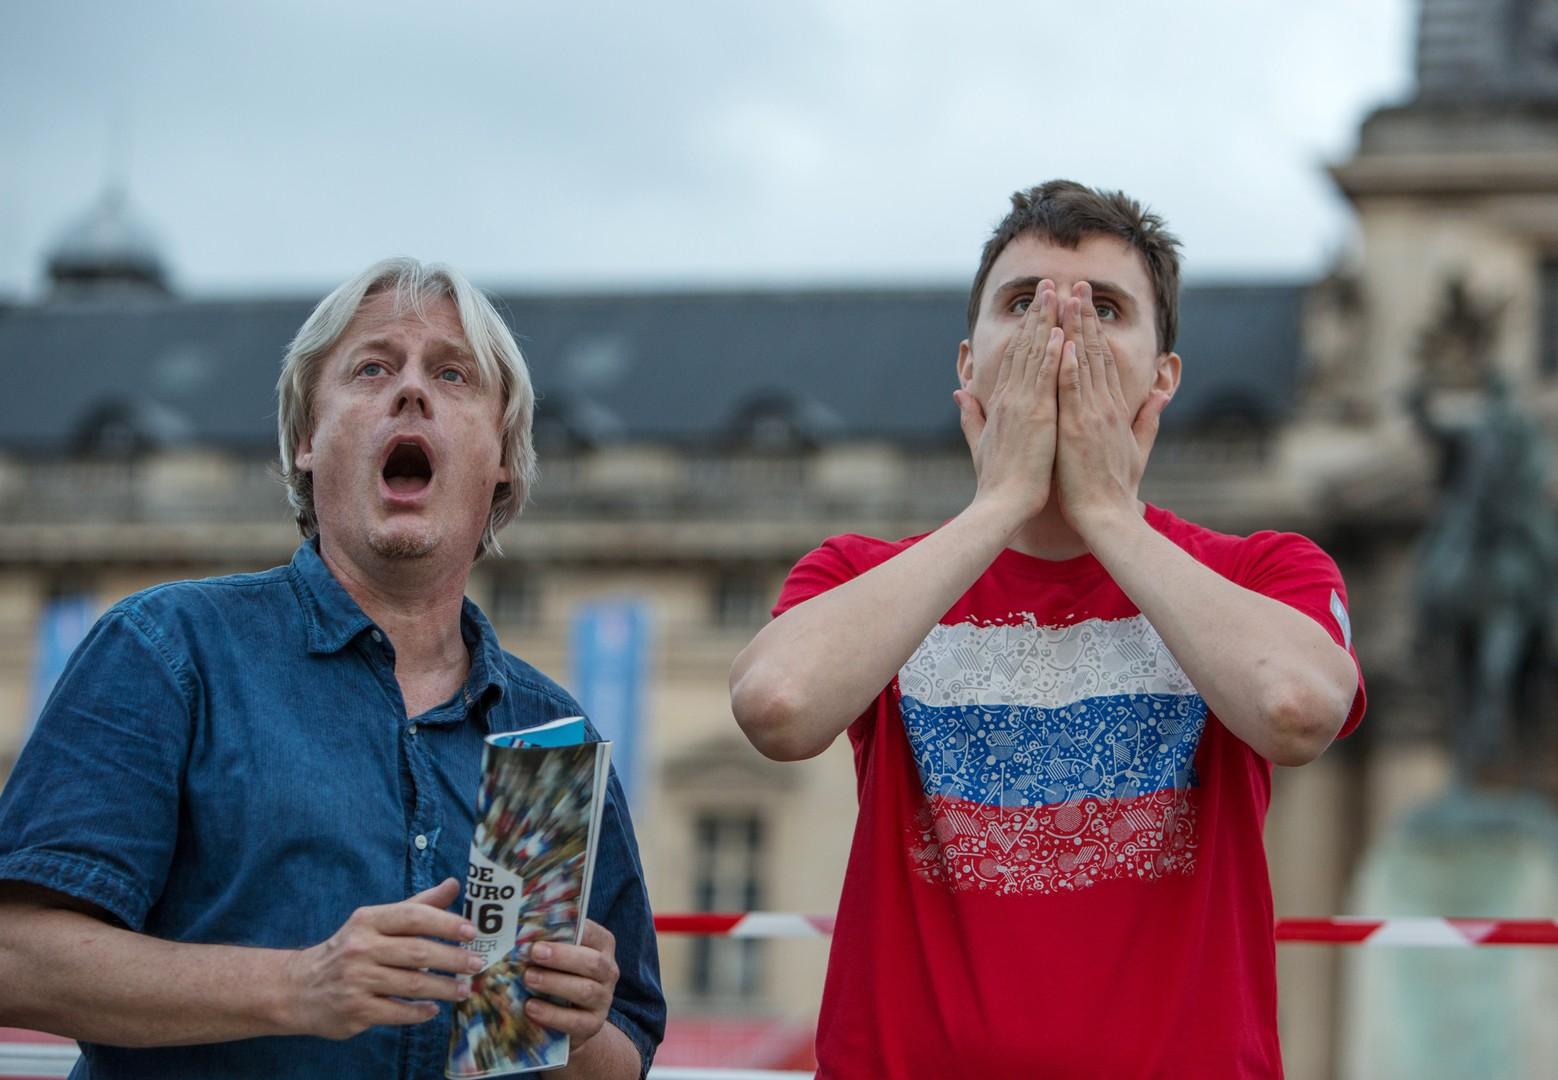 Болельщики сборной России смотрят трансляцию матча группового этапа чемпионата Европы по футболу - 2016 между сборными командами России и Уэльса в фан зоне рядом с Эйфелевой башней в Париже.